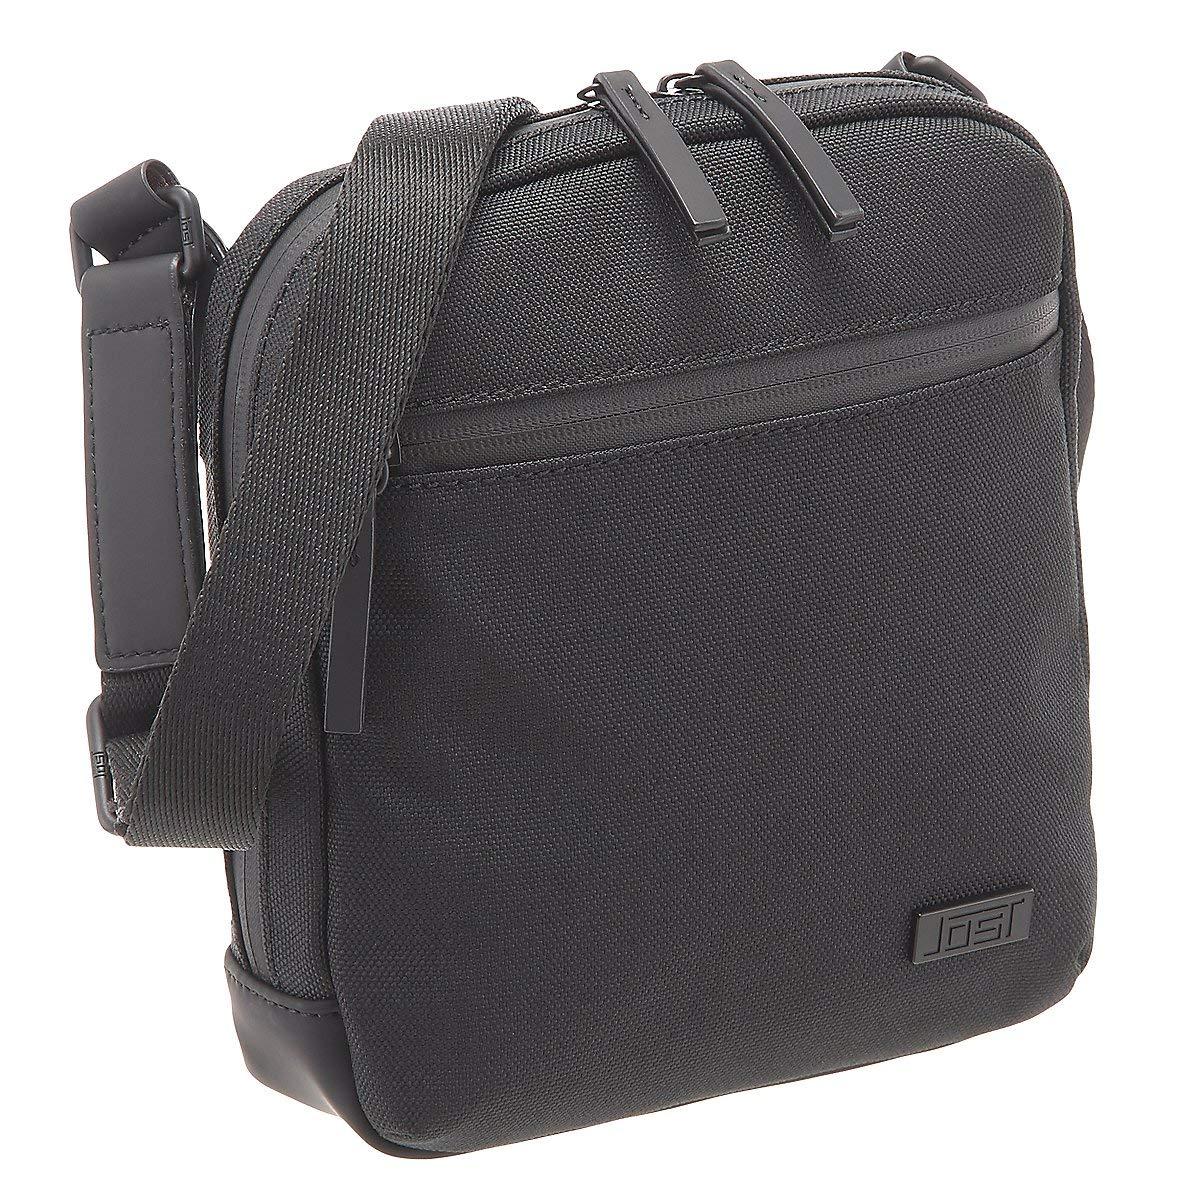 Jost Handtaschen Taschen 6583-001 Schwarz UPQX1